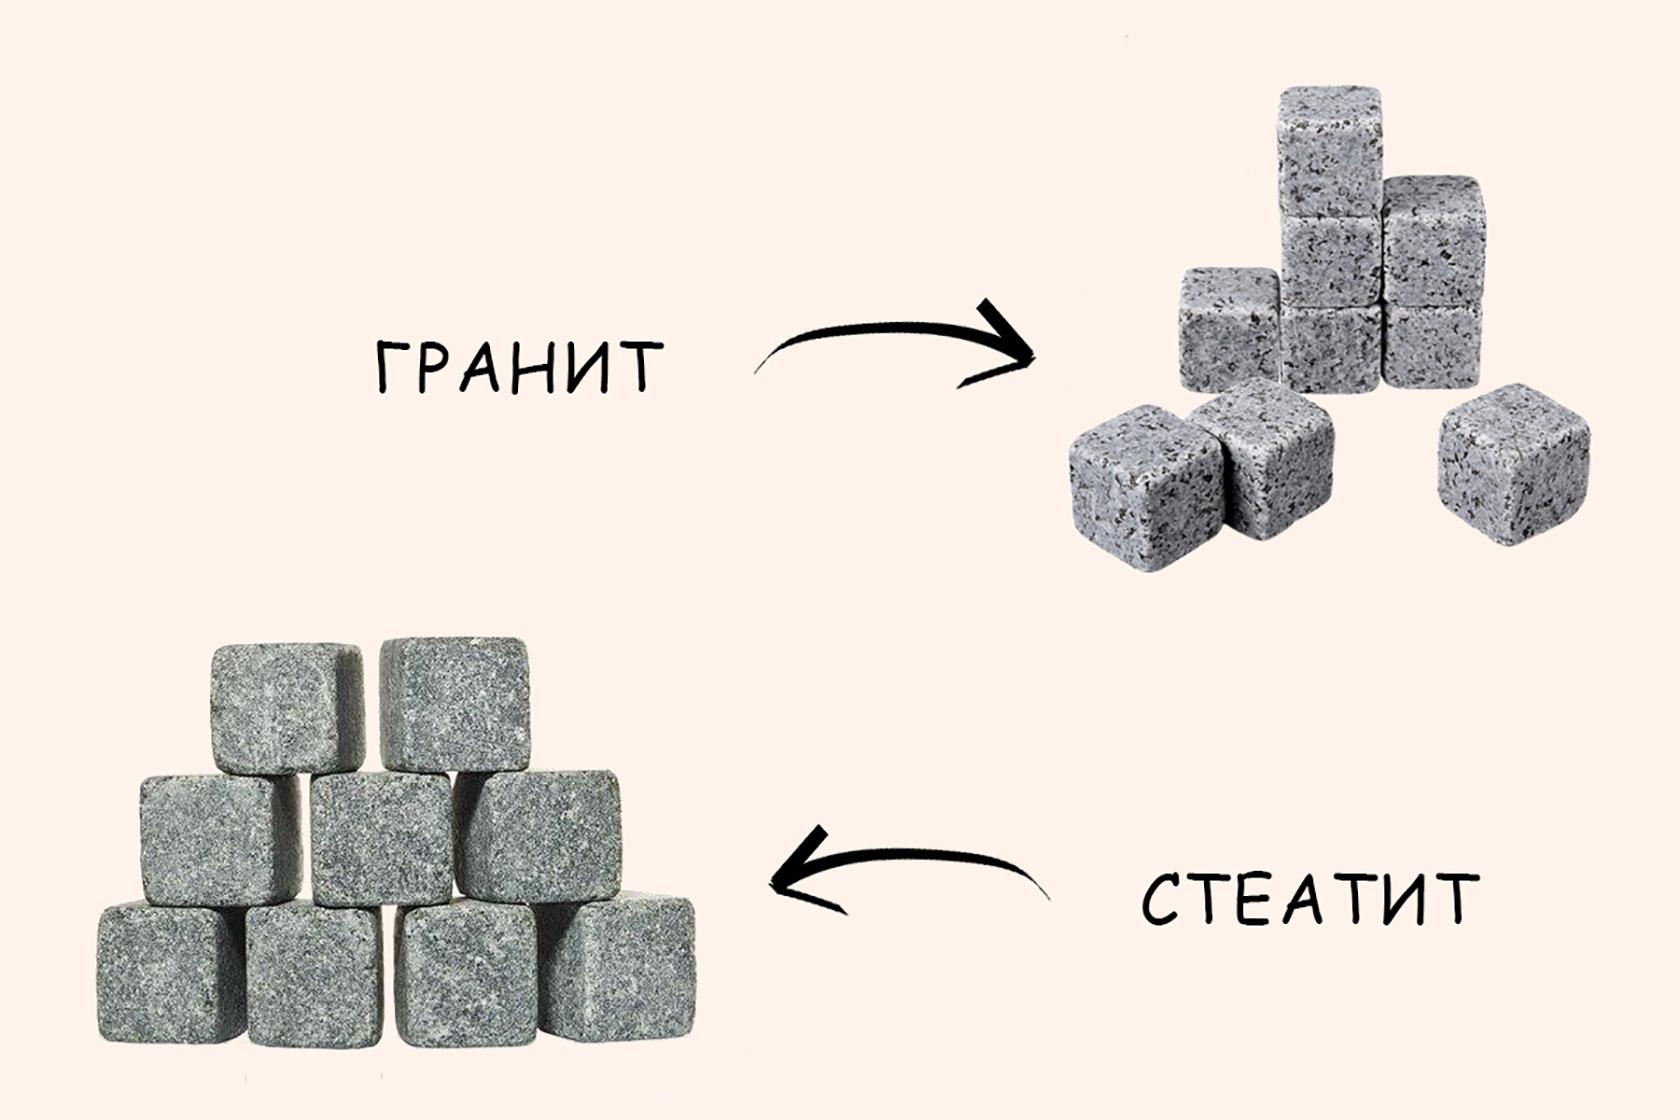 Различие между гранитными и стеатитовыми камнями